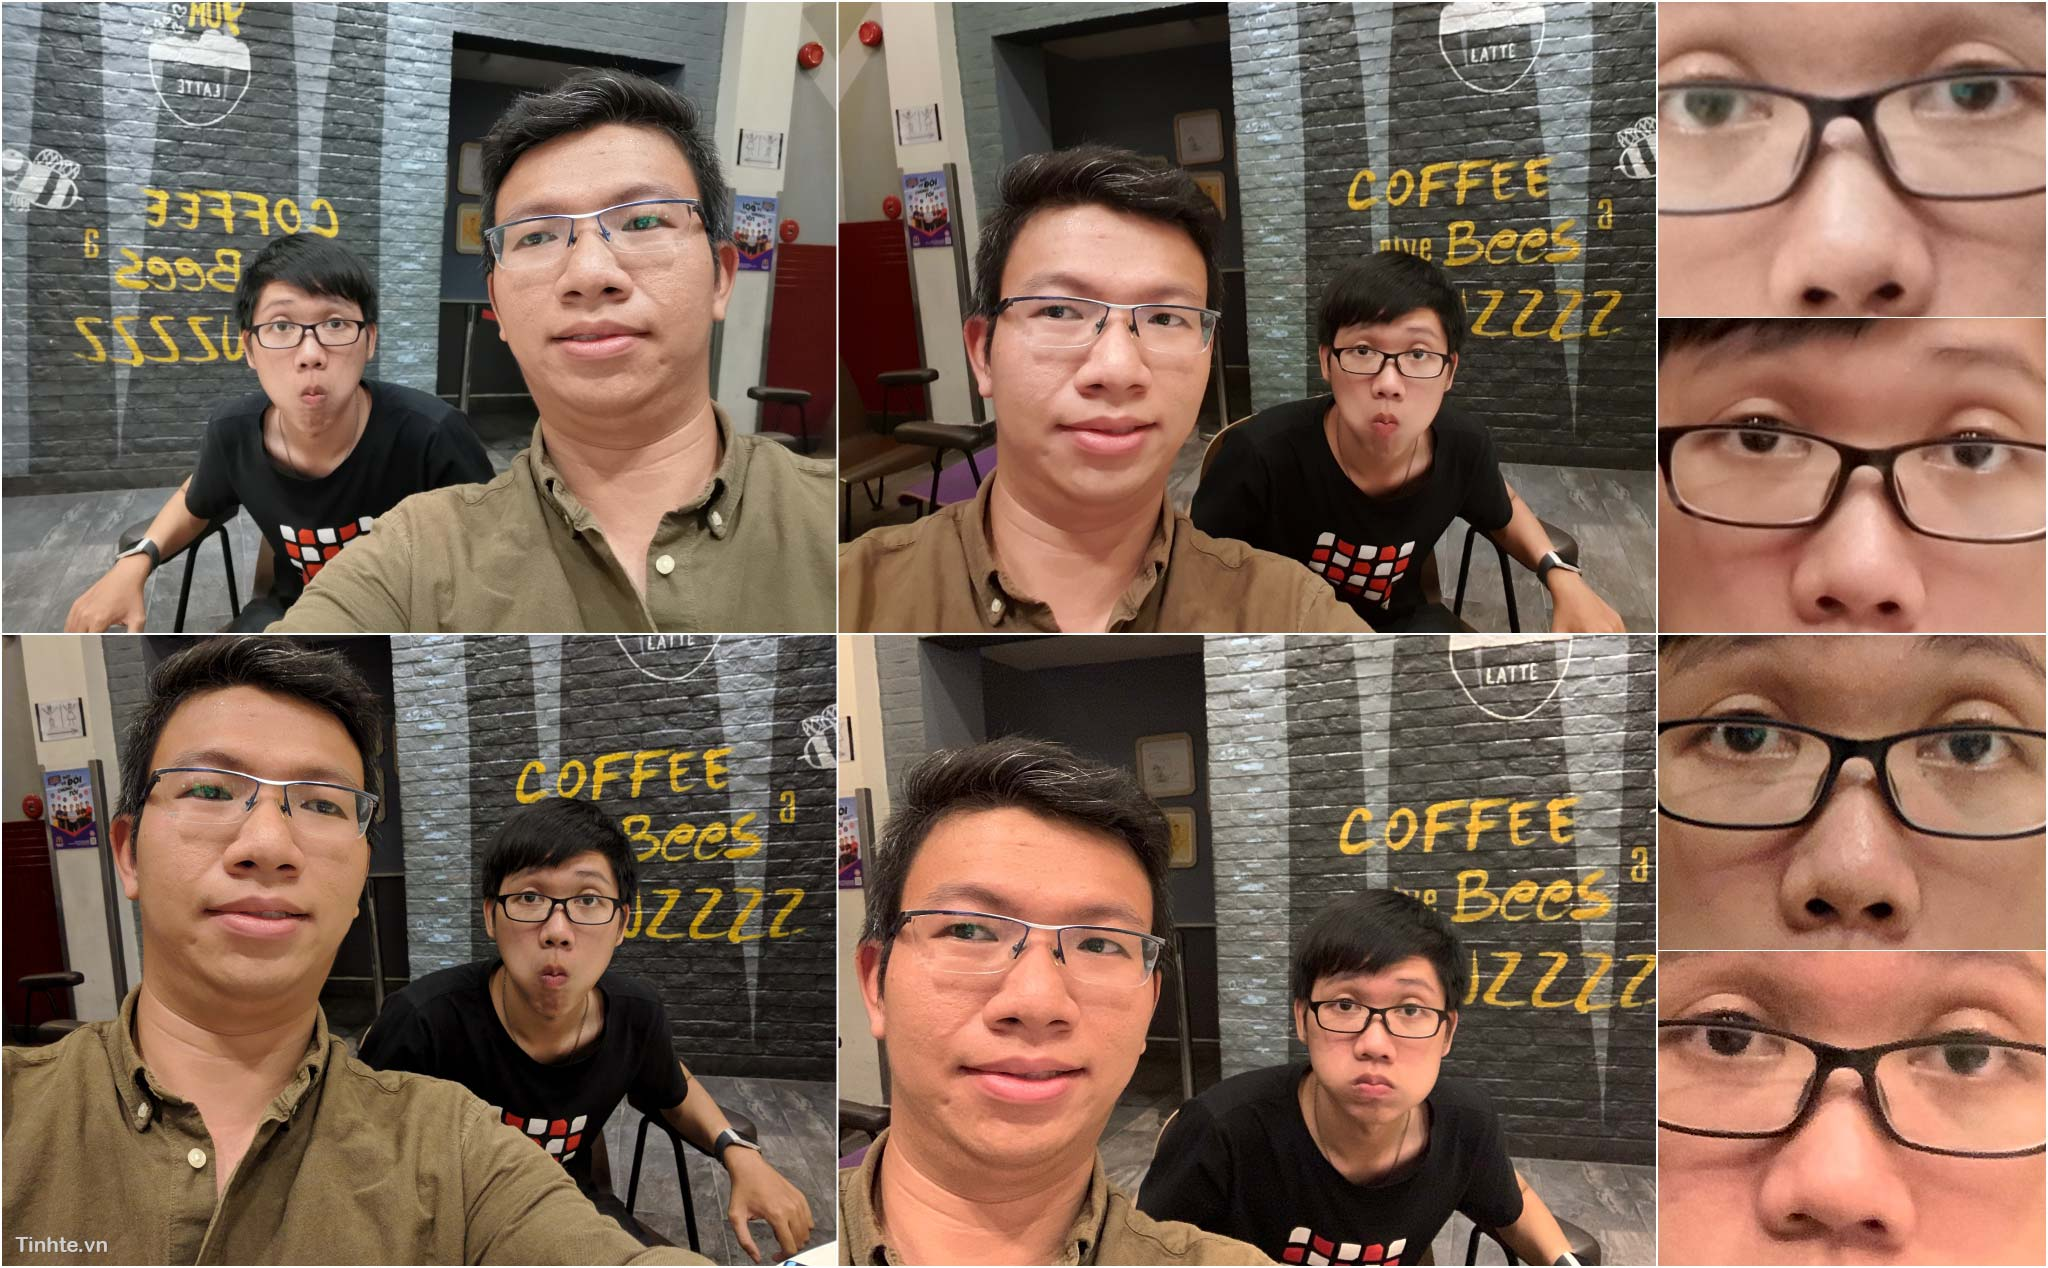 tinhte_so_sanh_anh_chup_dem_12.jpg